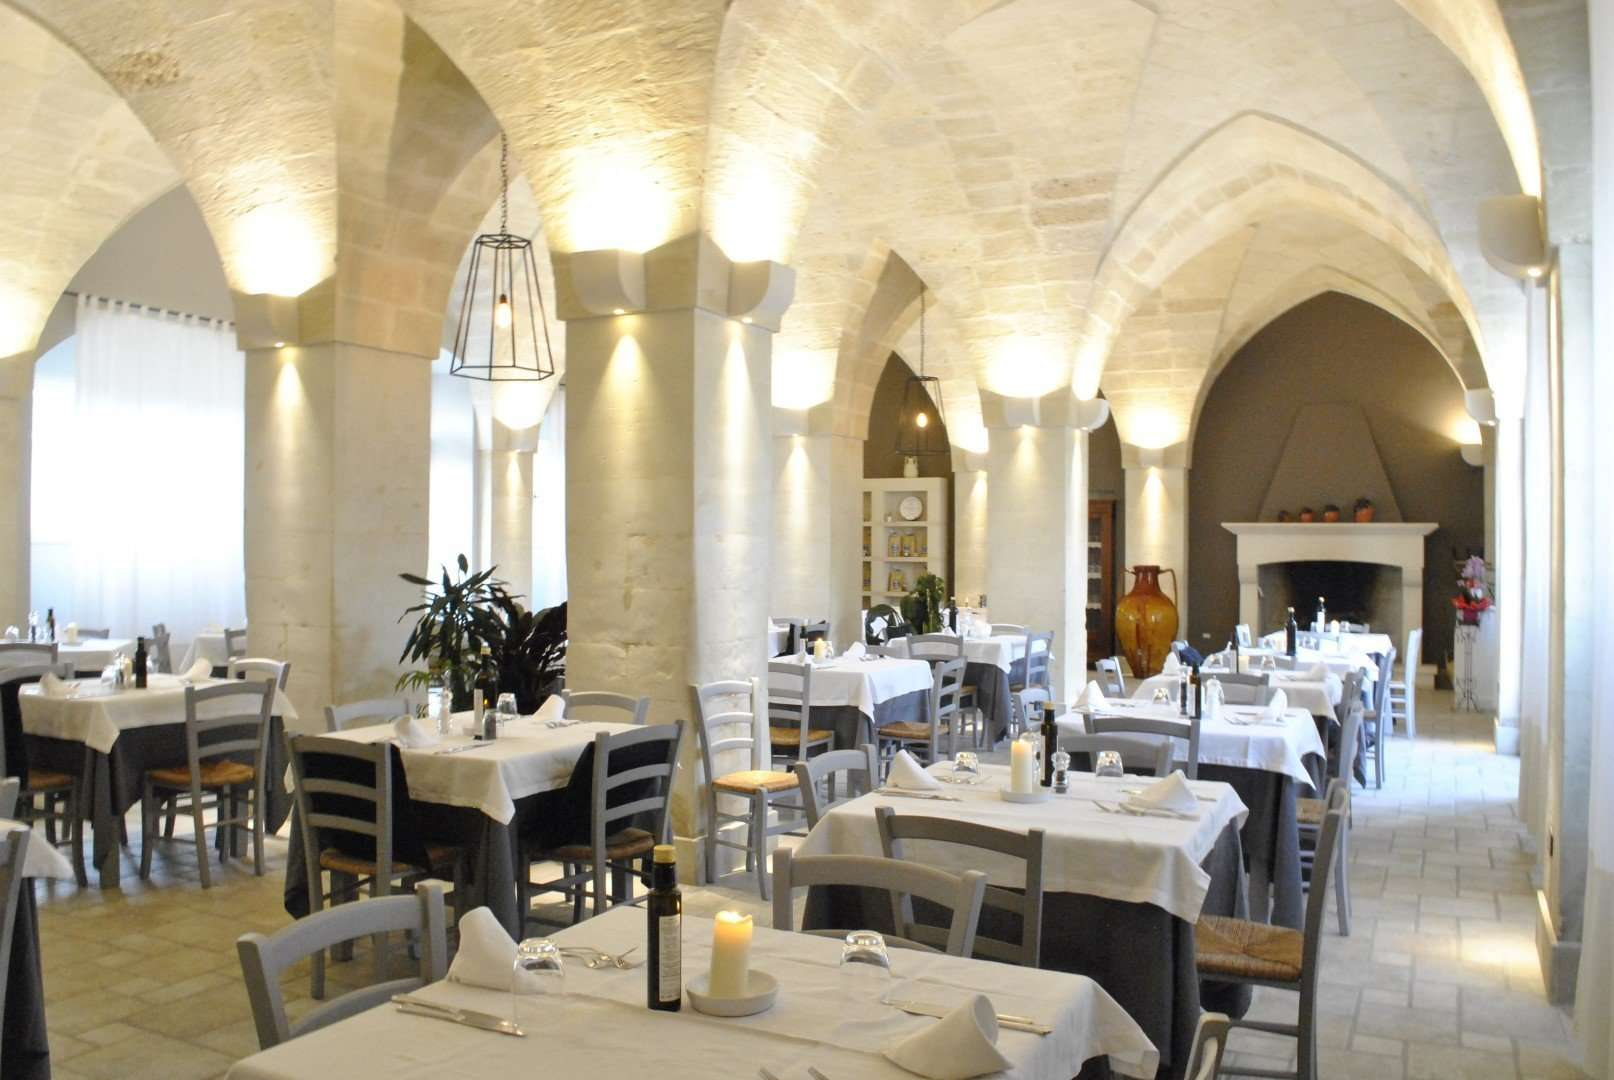 masseria_panareo_puglia_italie_restaurant